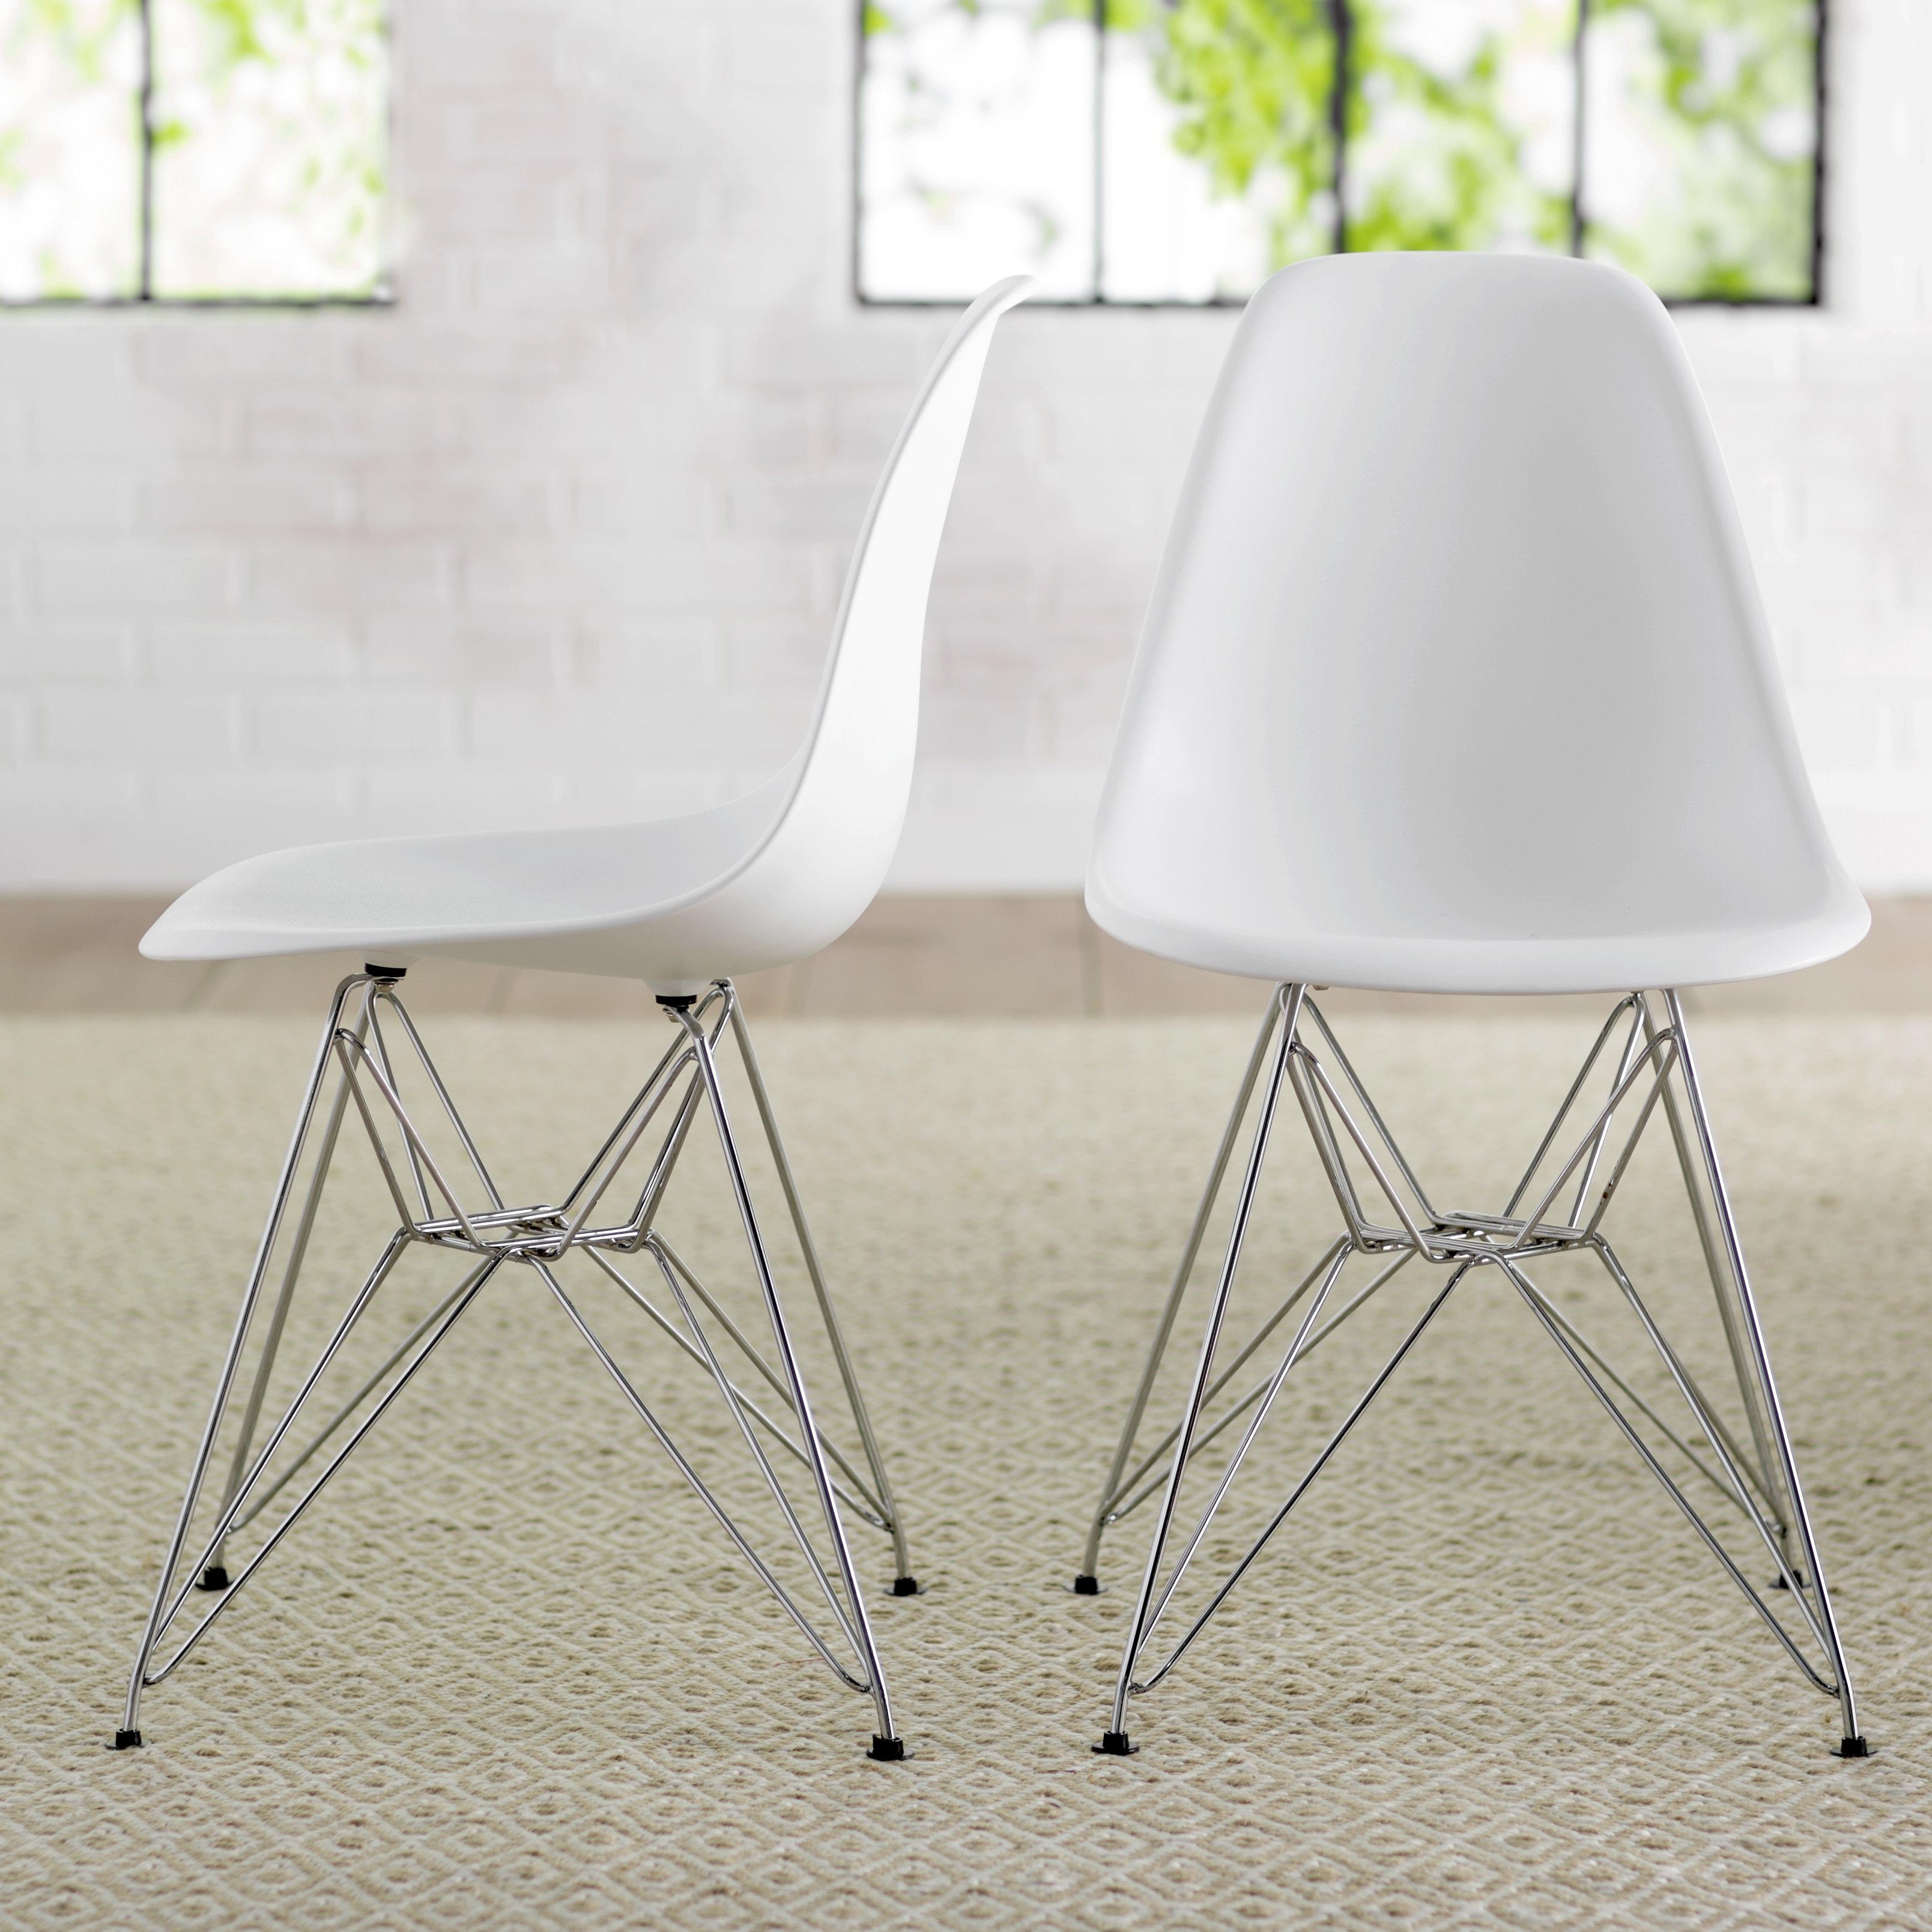 Langley street brook modern dining chair reviews wayfair